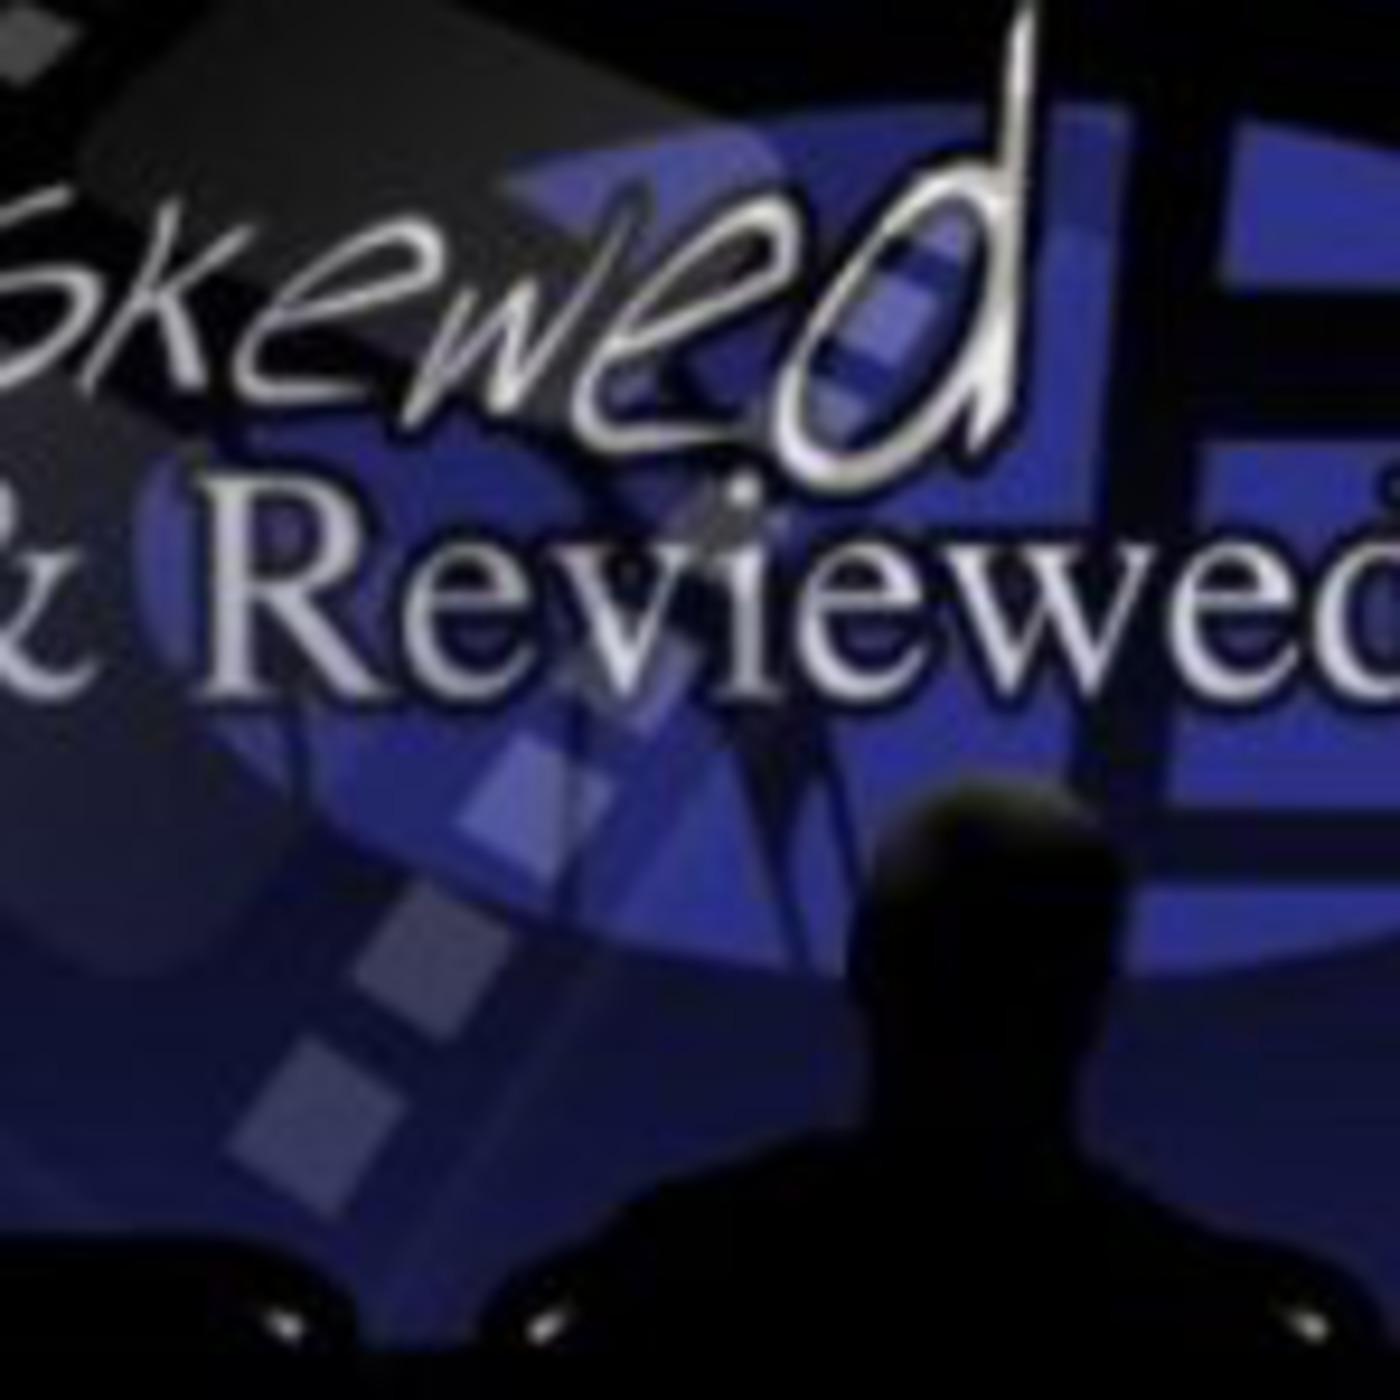 Skewed and Reviewed Skewedcasts